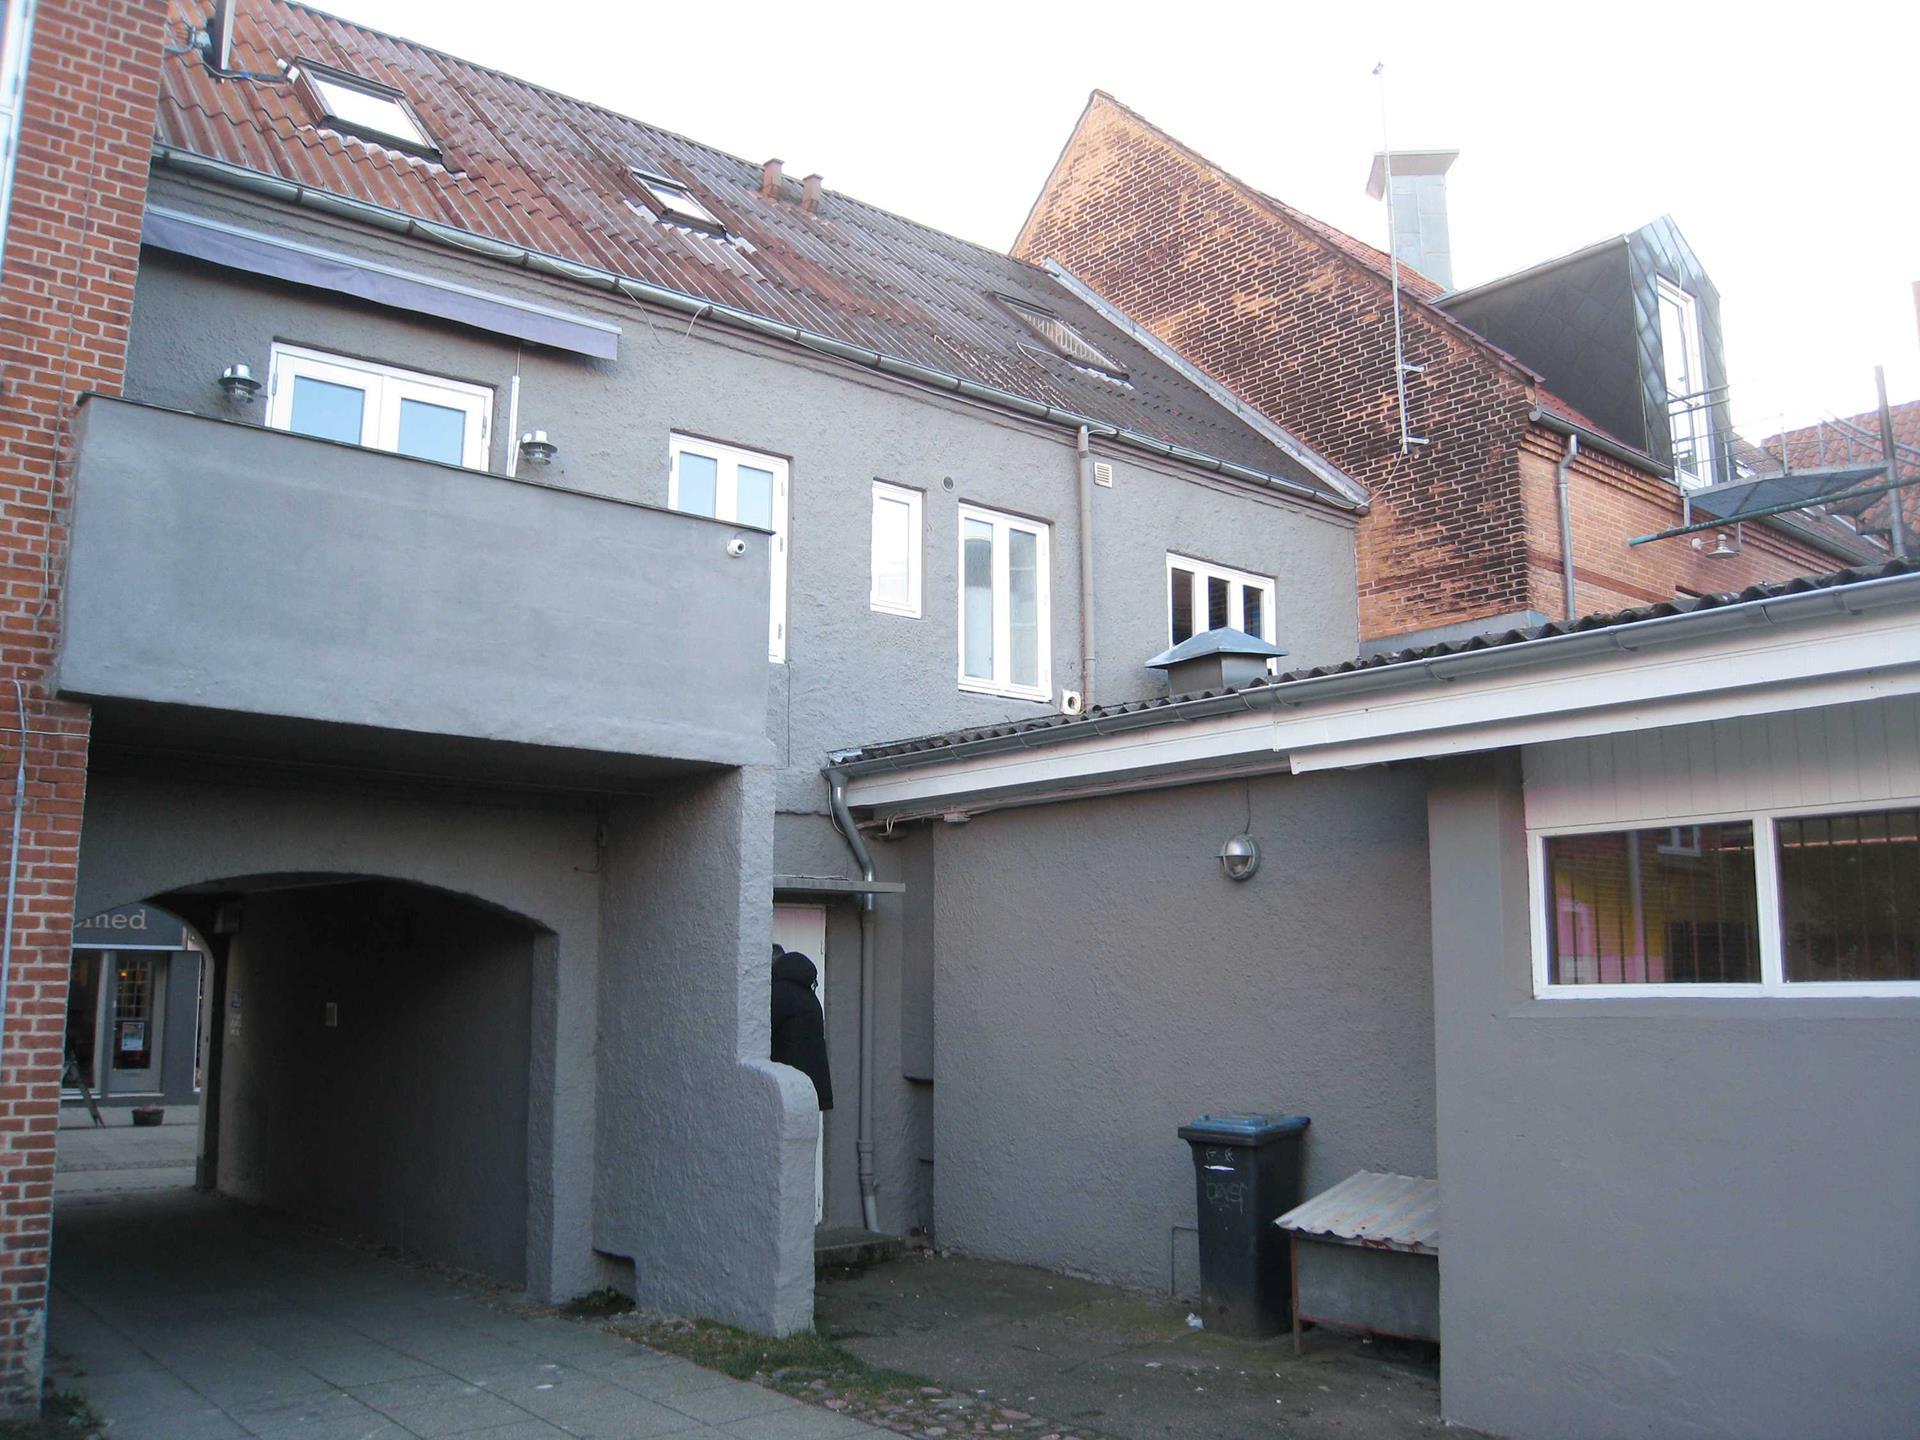 Bolig/erhverv på Søndergade i Silkeborg - Bag facade